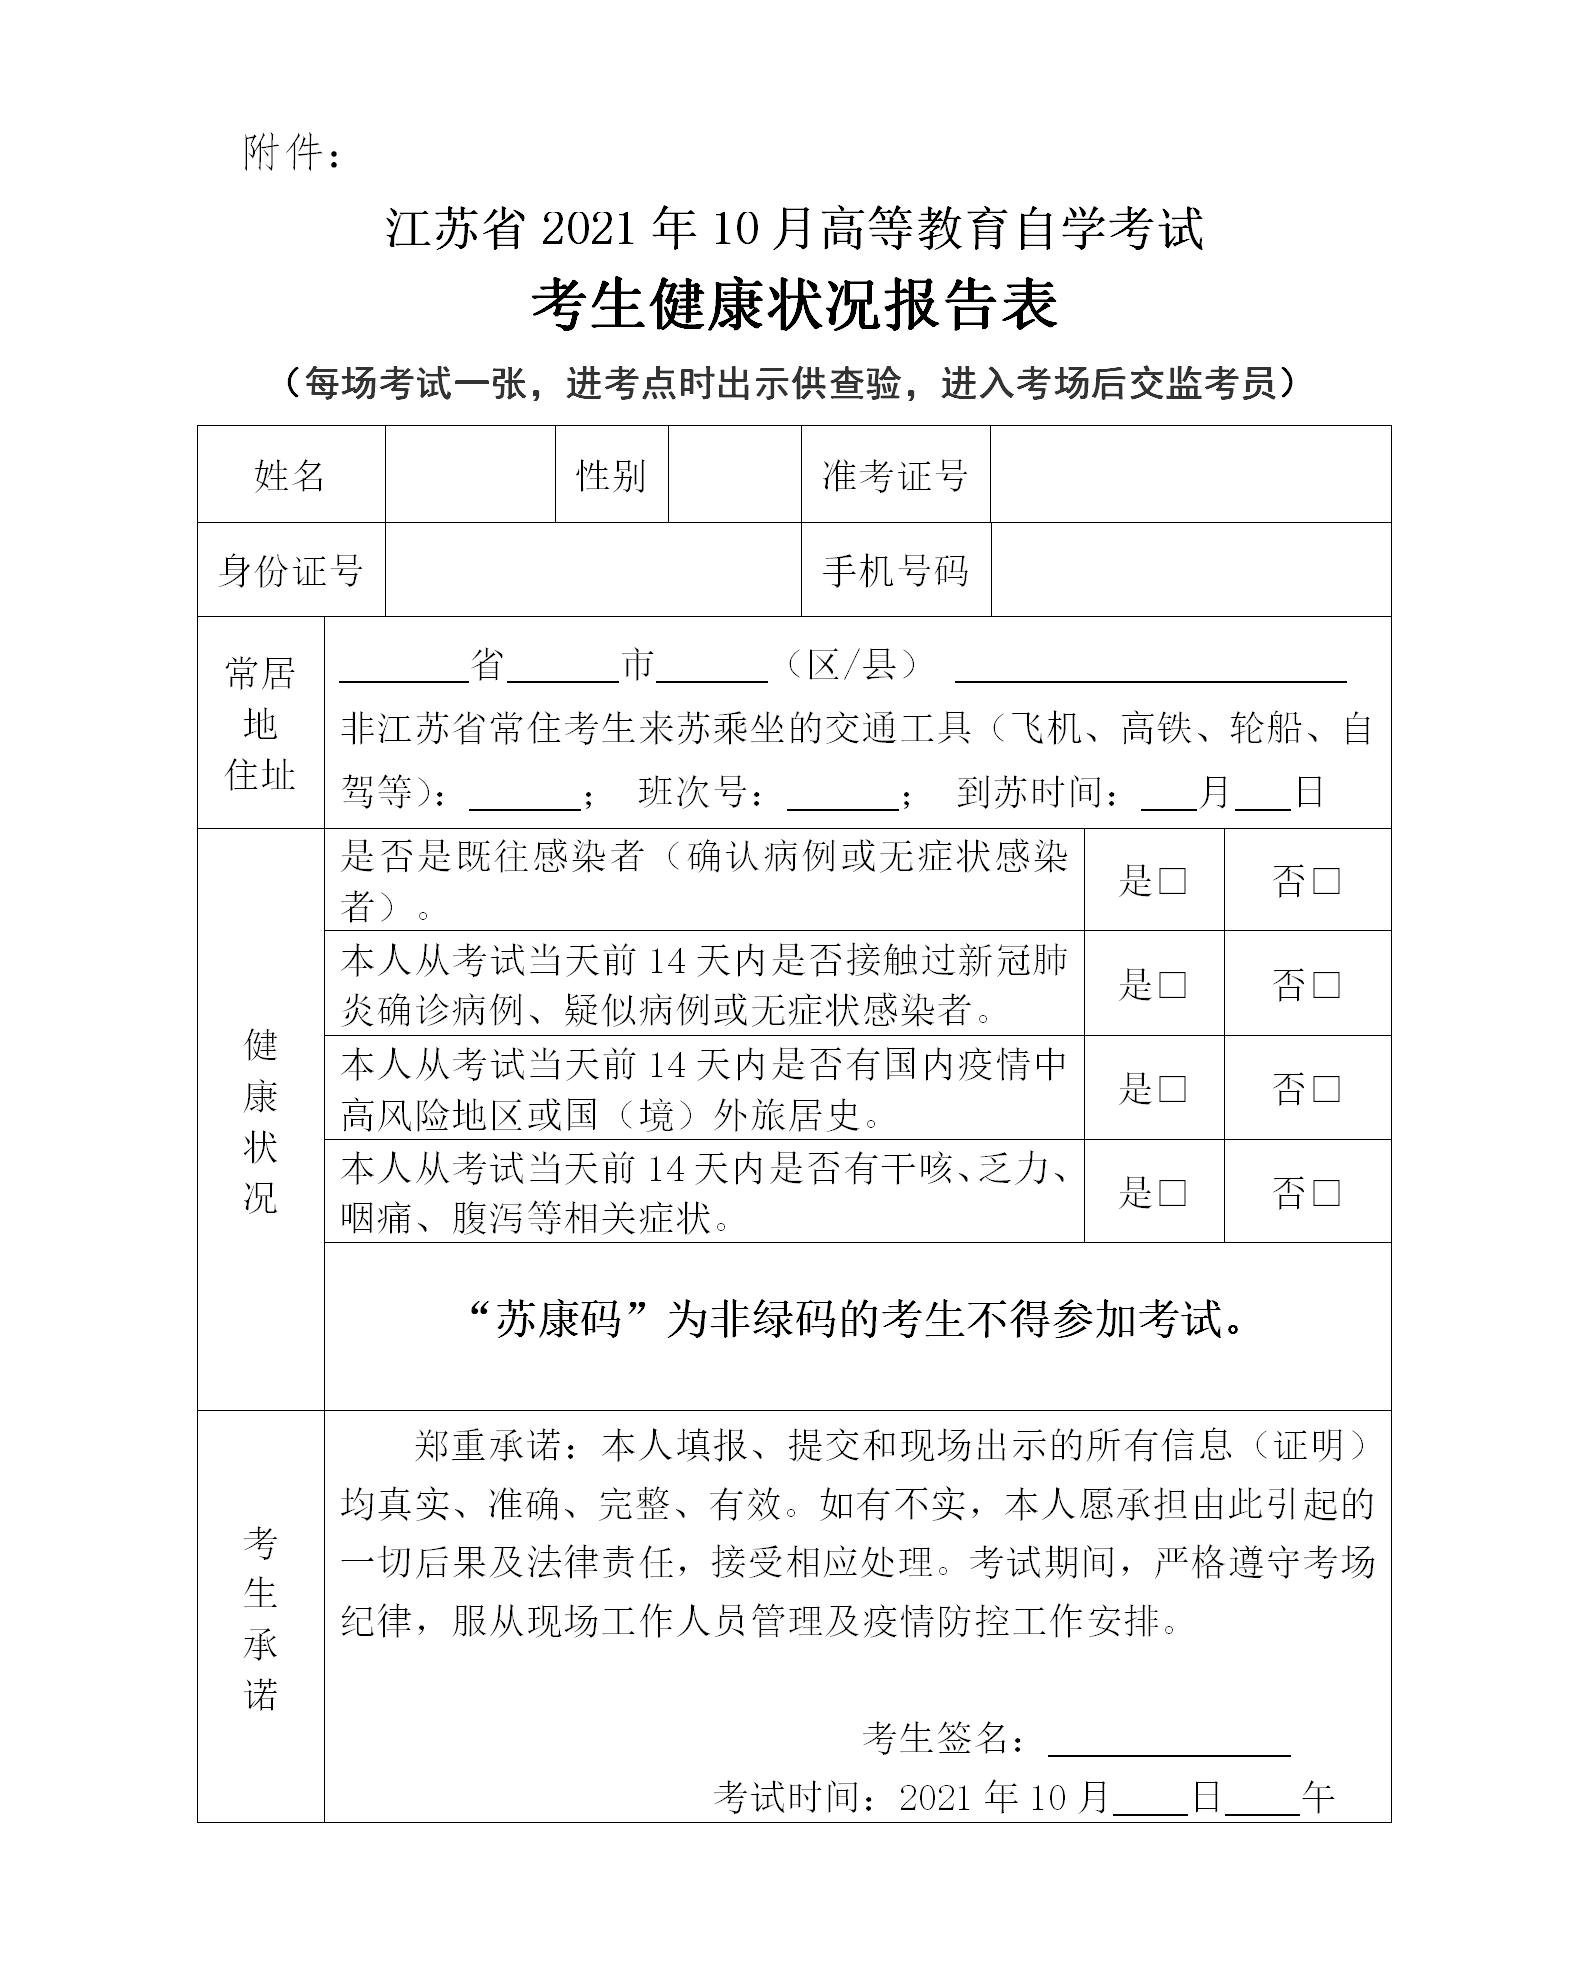 江苏省2021年10月自学考试考生健康状况报告表